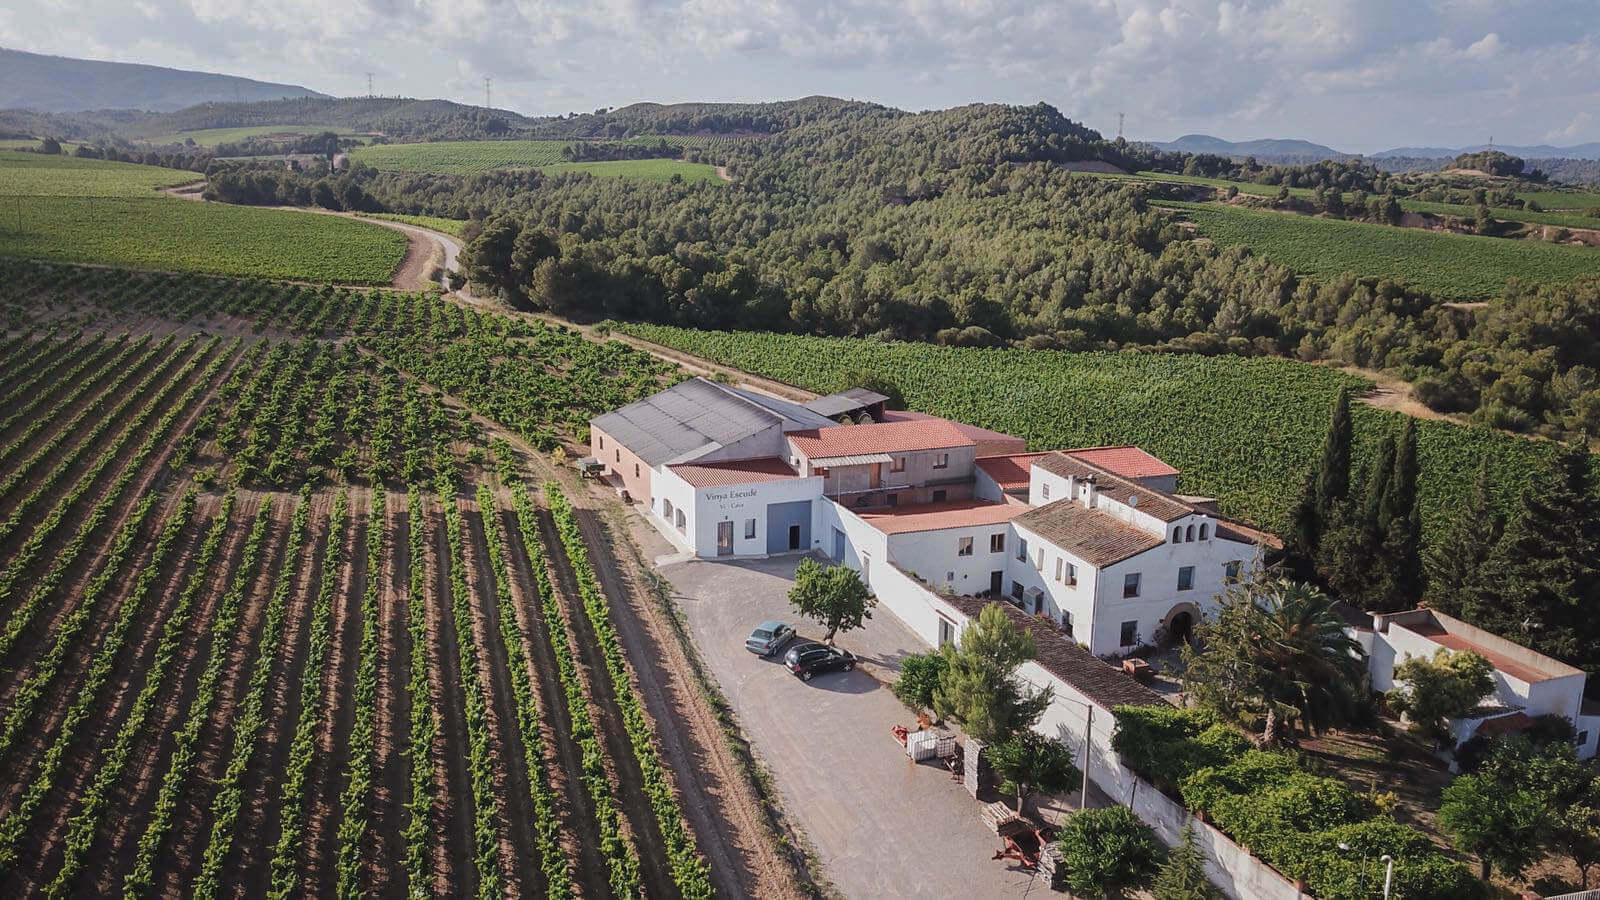 Vinya Escudé